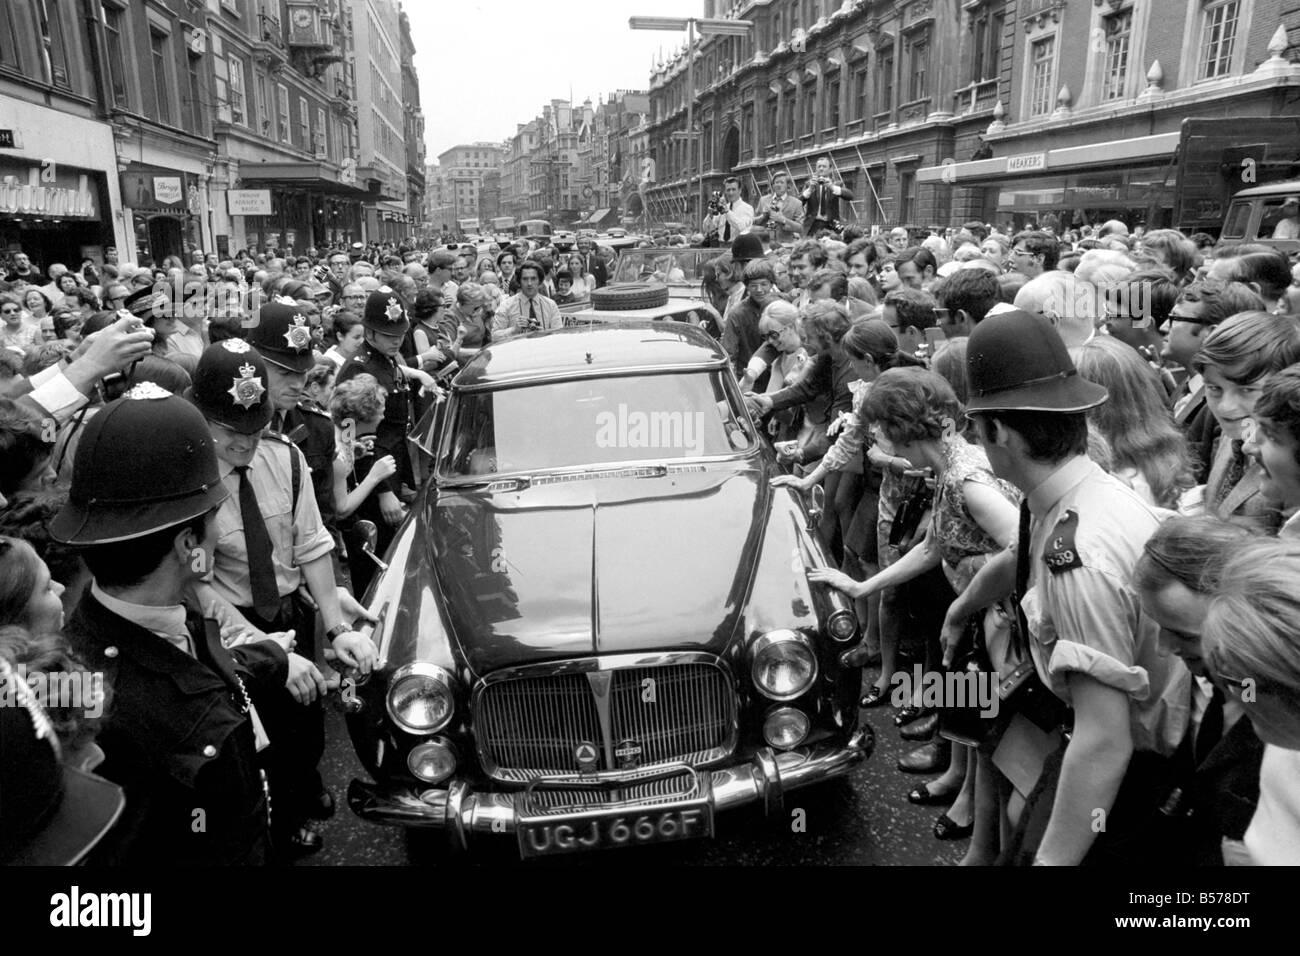 Edward Heath After His Victory Edward Heath In His Car As Crowds